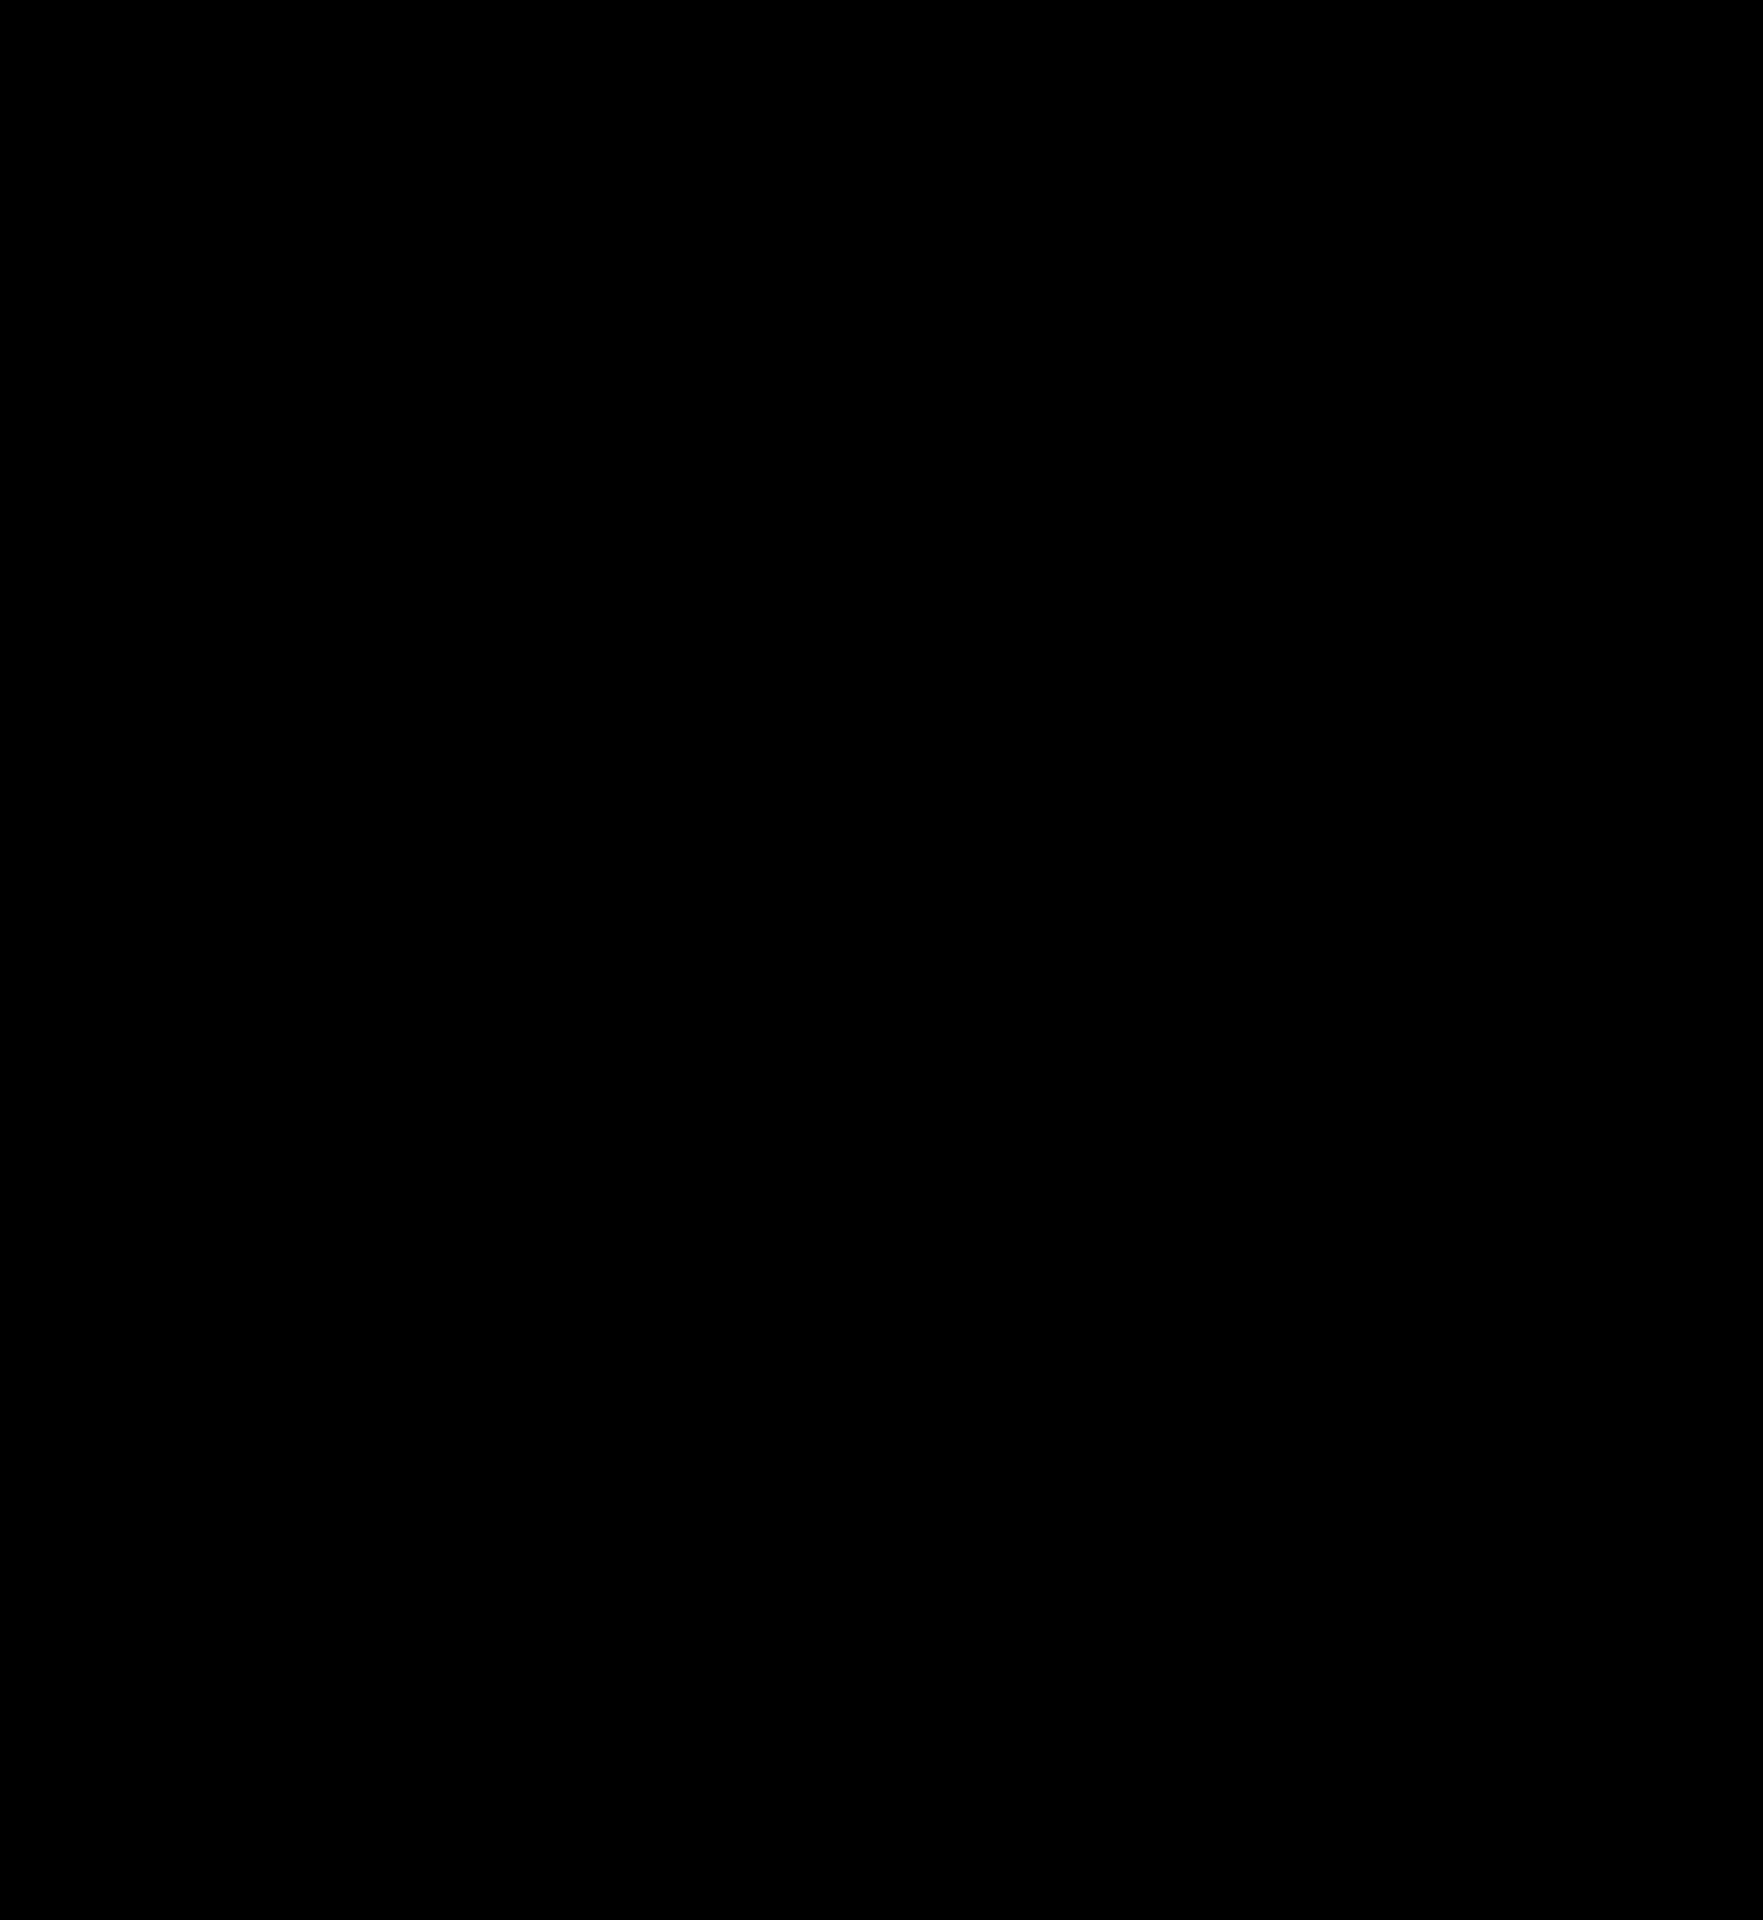 Logo Rva C274